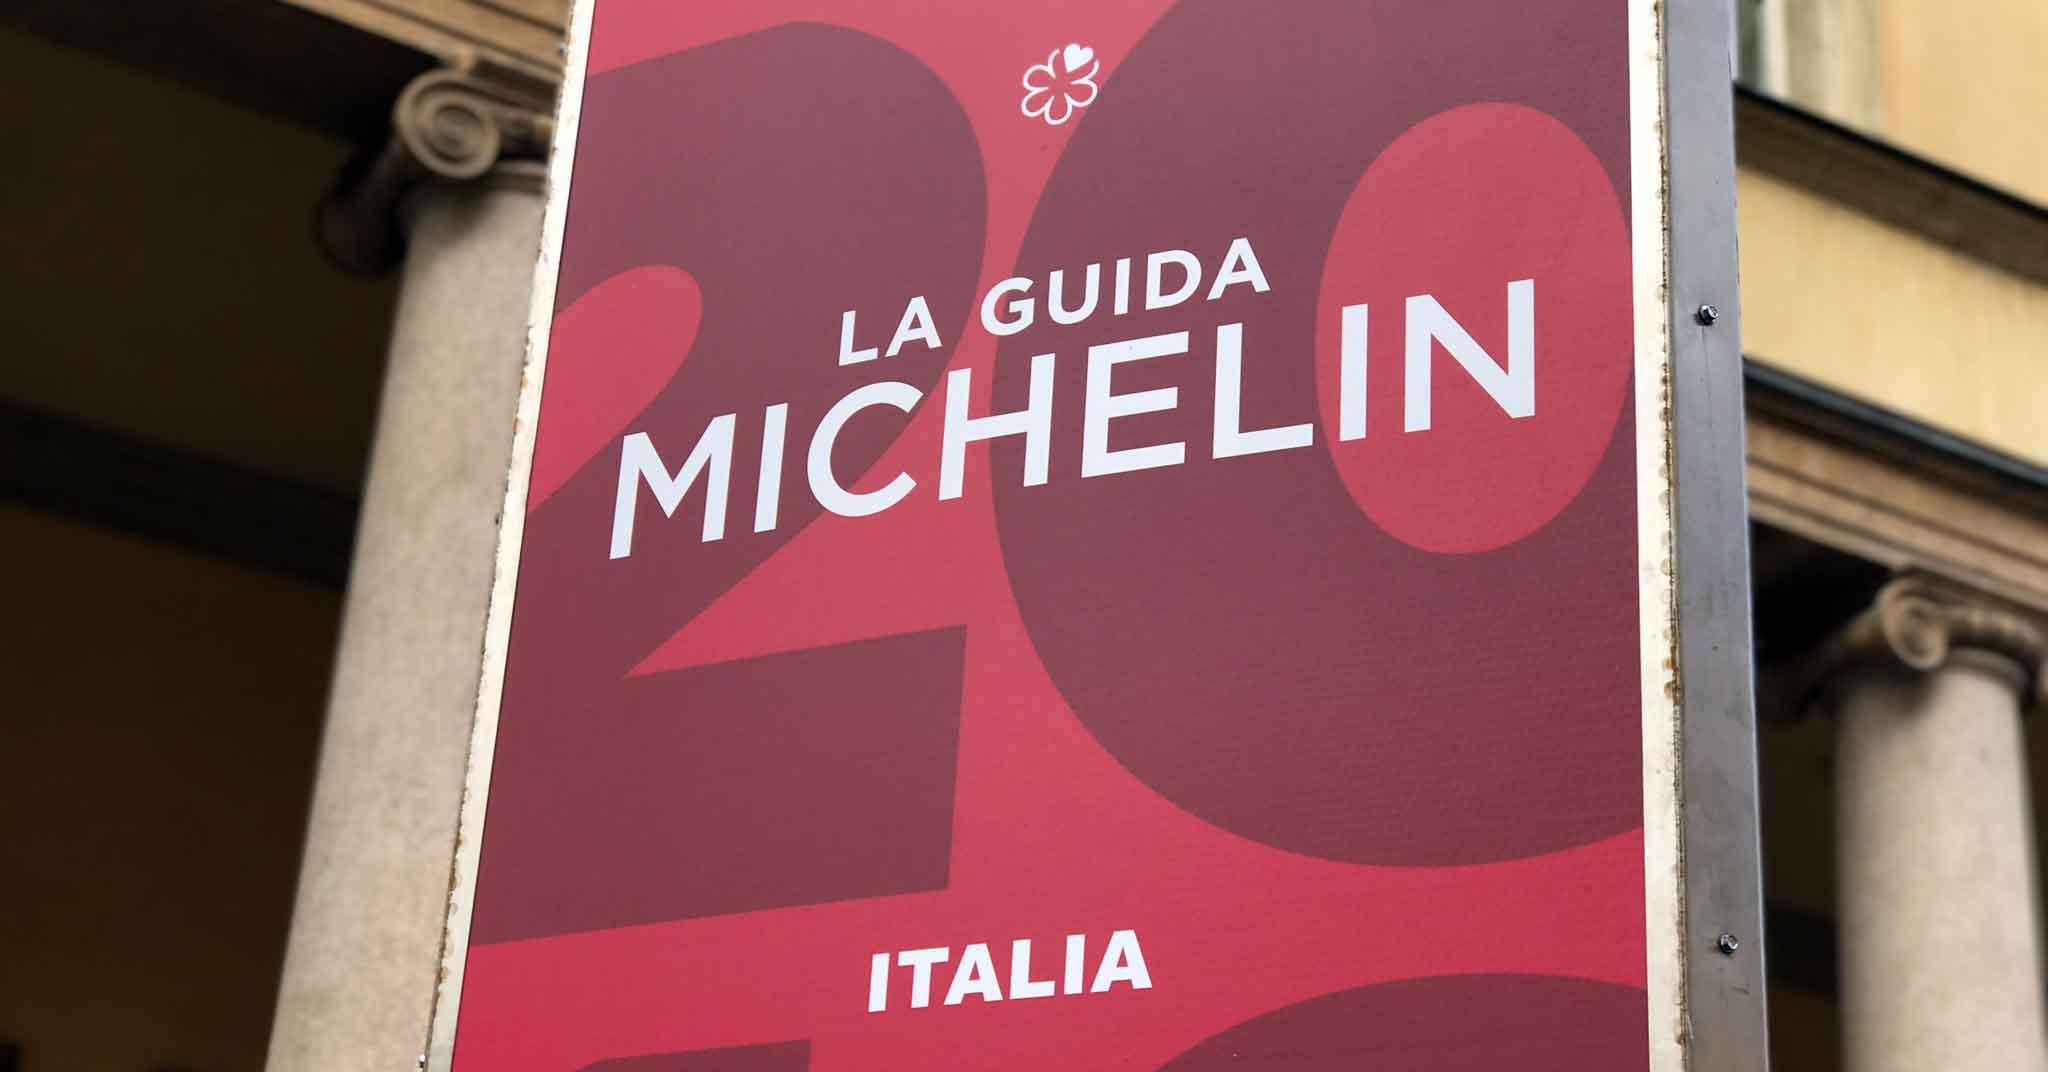 Ristorante La Credenza Michelin : Guida michelin 2018. tutte le stelle dei migliori ristoranti in italia